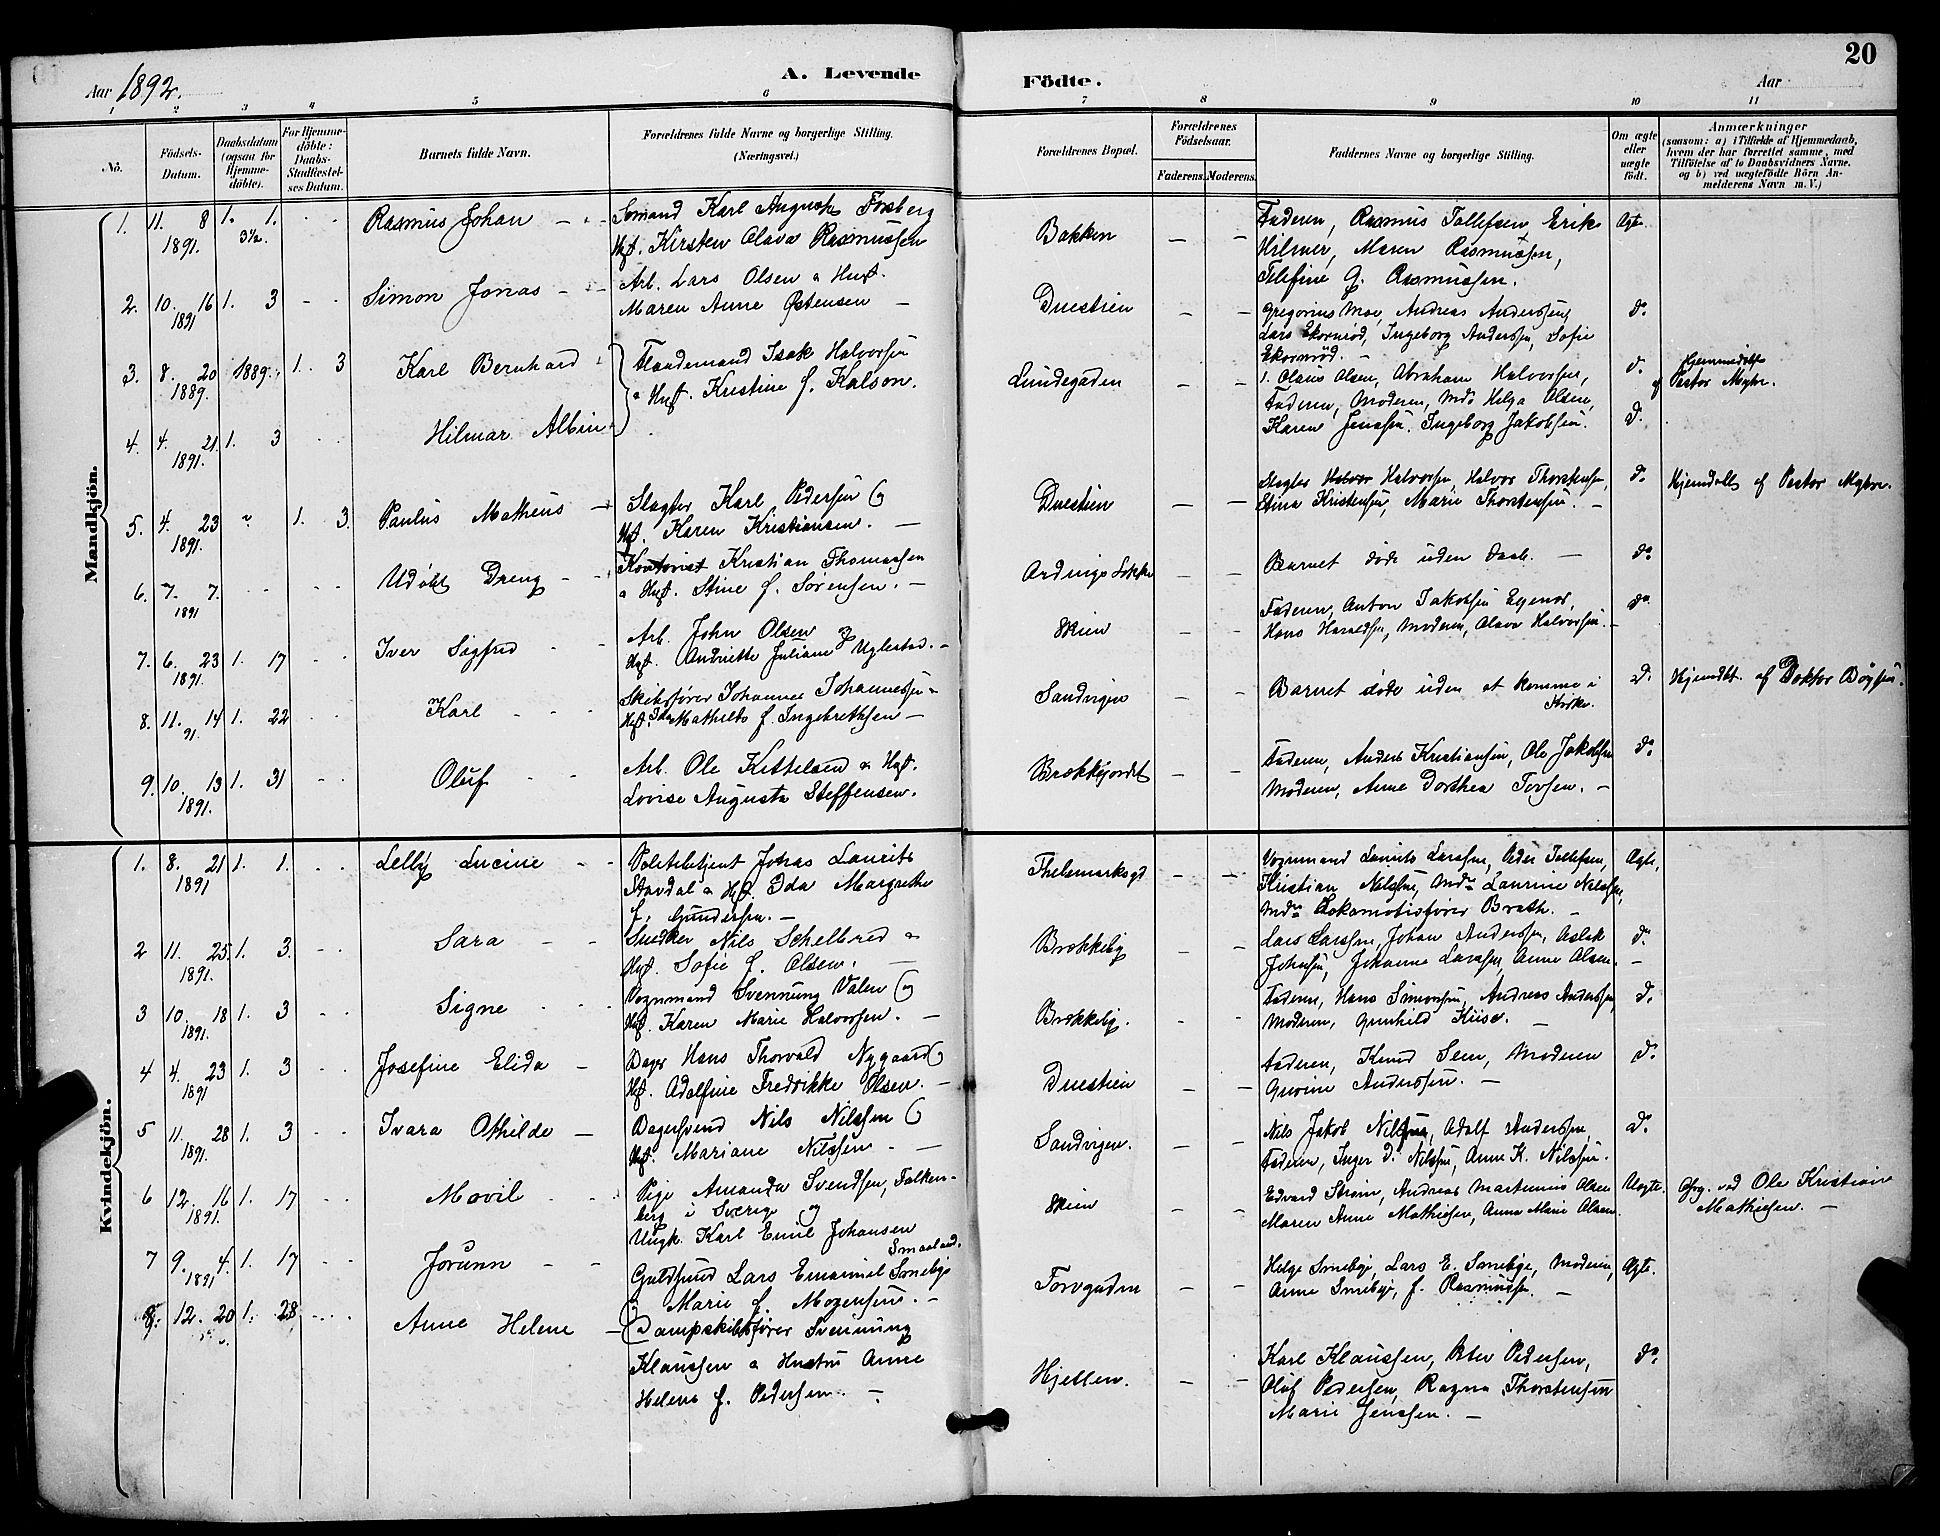 SAKO, Skien kirkebøker, G/Ga/L0007: Klokkerbok nr. 7, 1891-1900, s. 20